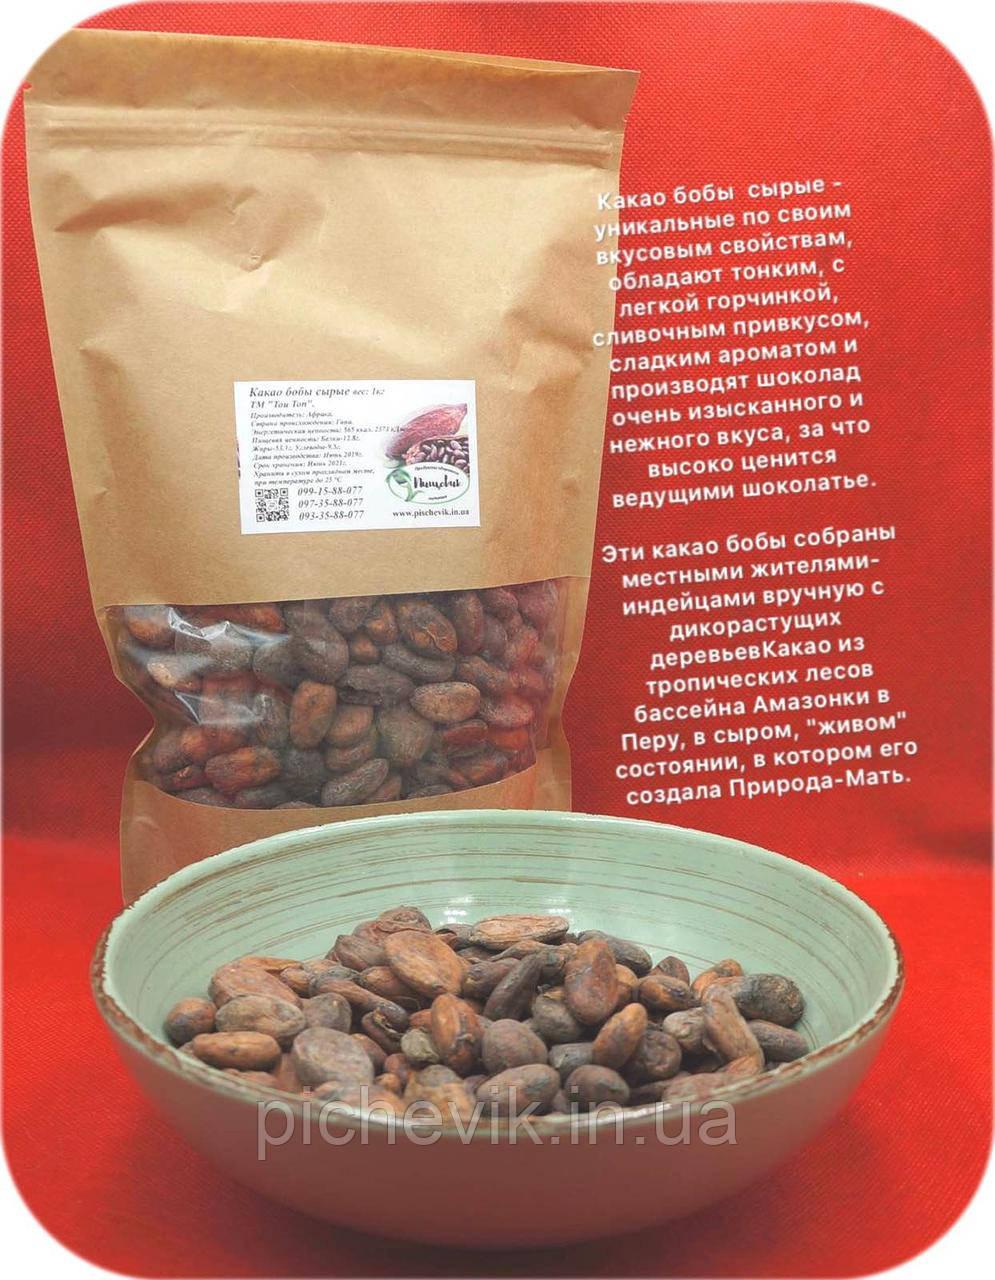 Бобы какао сырые TM TouTon  (Гана) вес:250грамм.